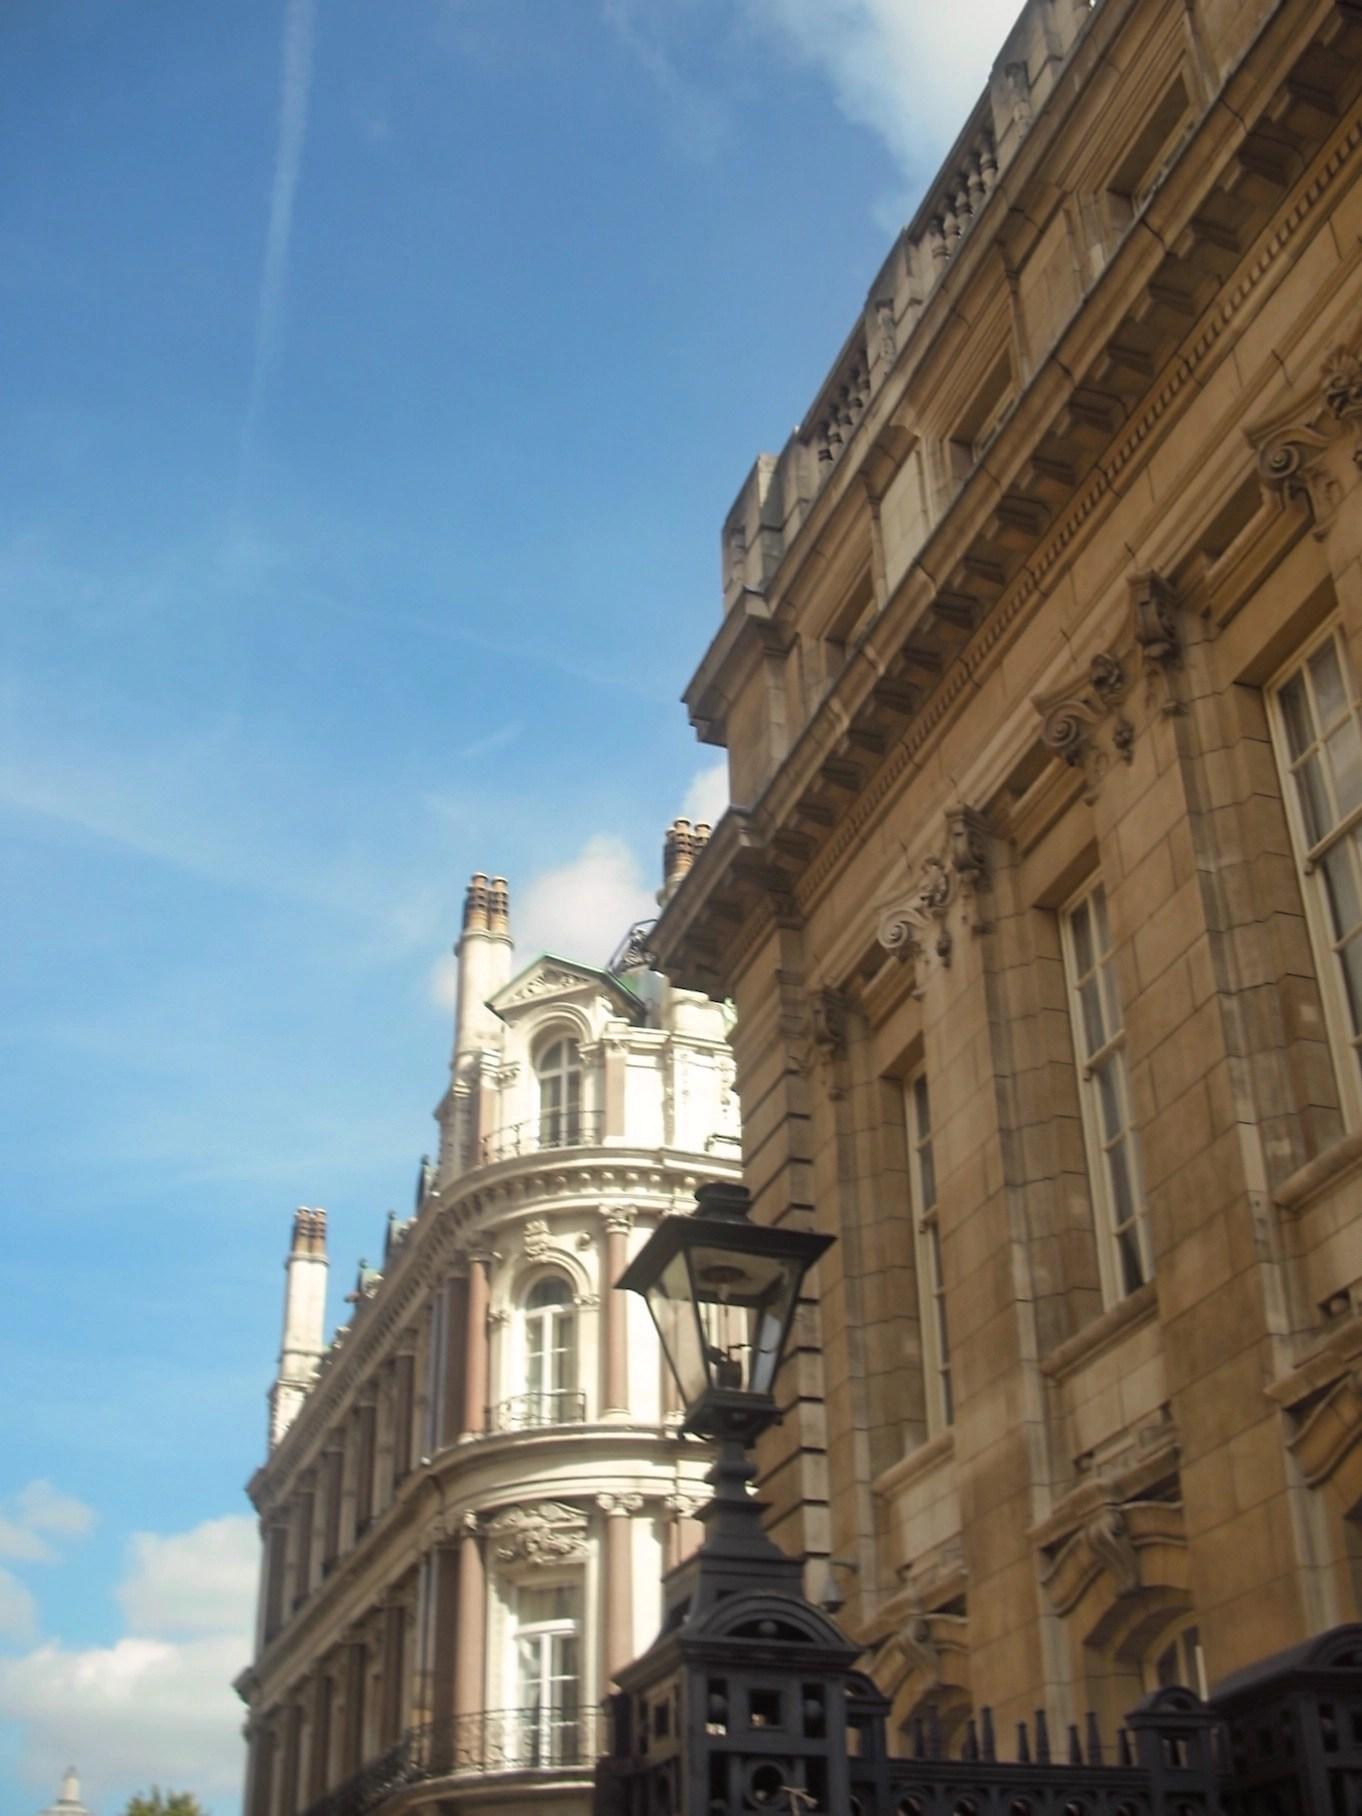 Harry Potter London Walks